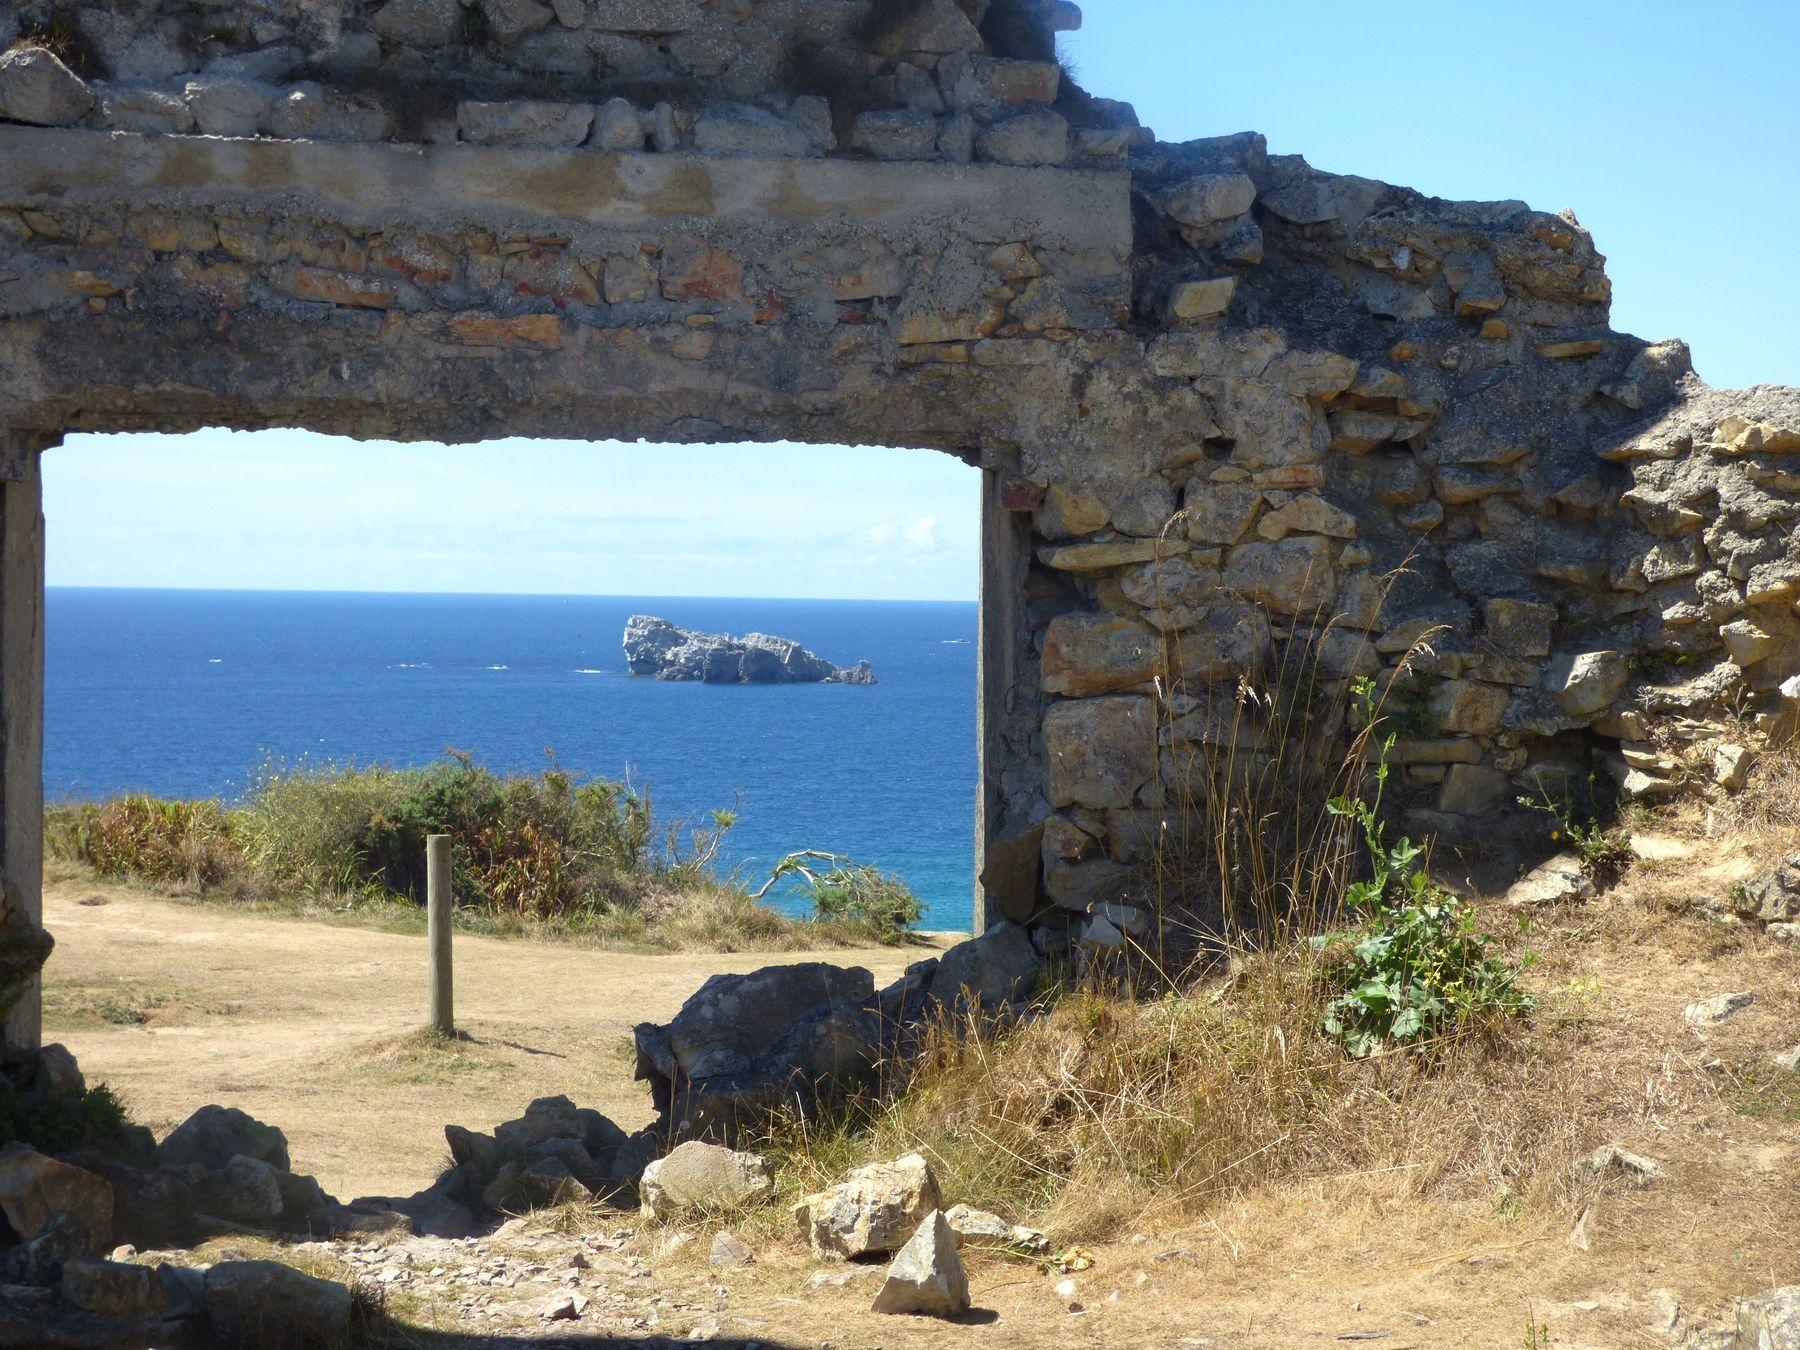 Camaret sur mer dpt 29 manoir de coecilian tome 1 7 - Office du tourisme de camaret sur mer ...